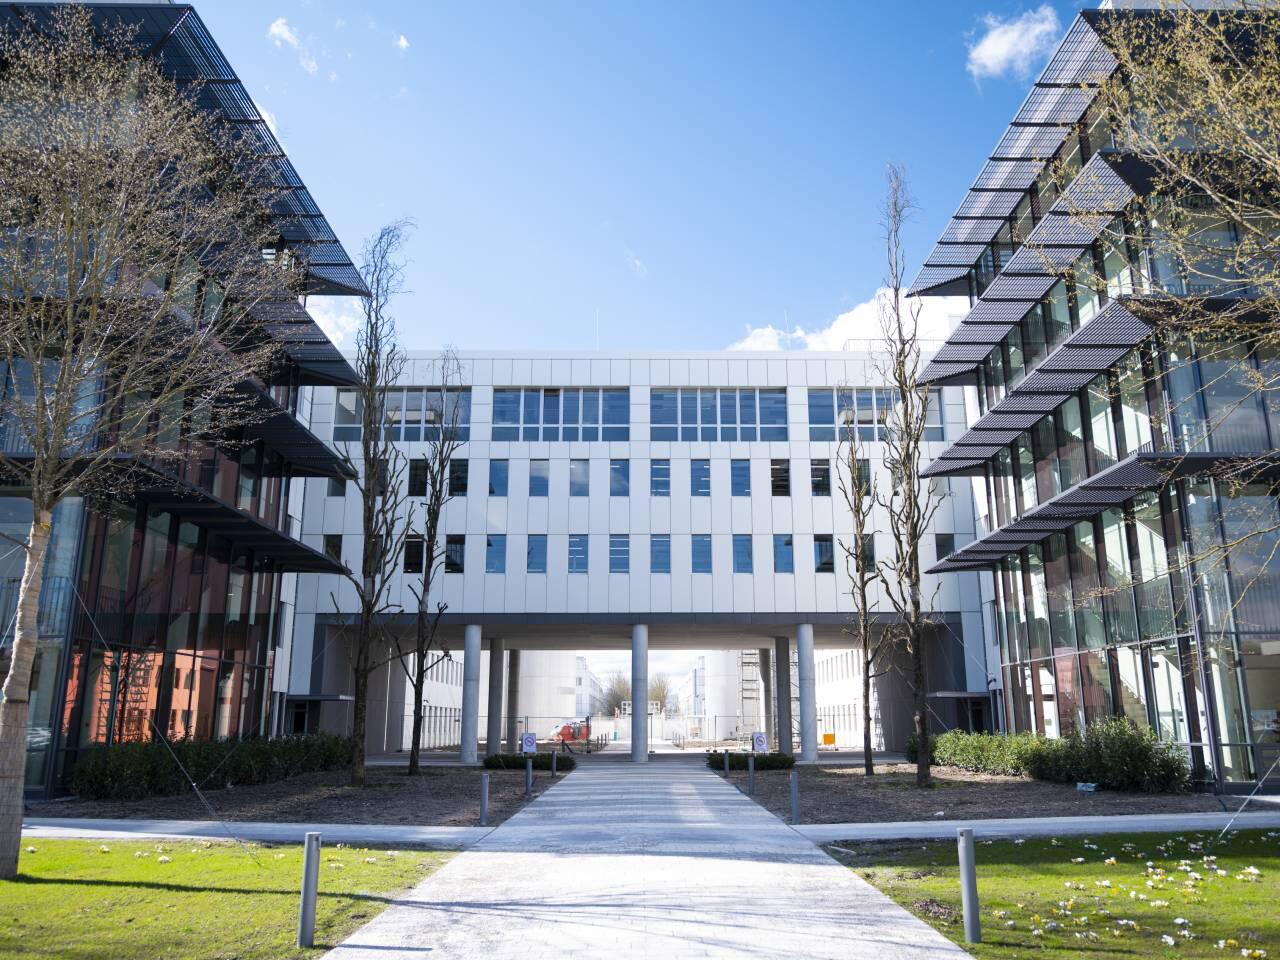 Bild zu BMW-Campus für autonomes Fahren in Unterschleißheim